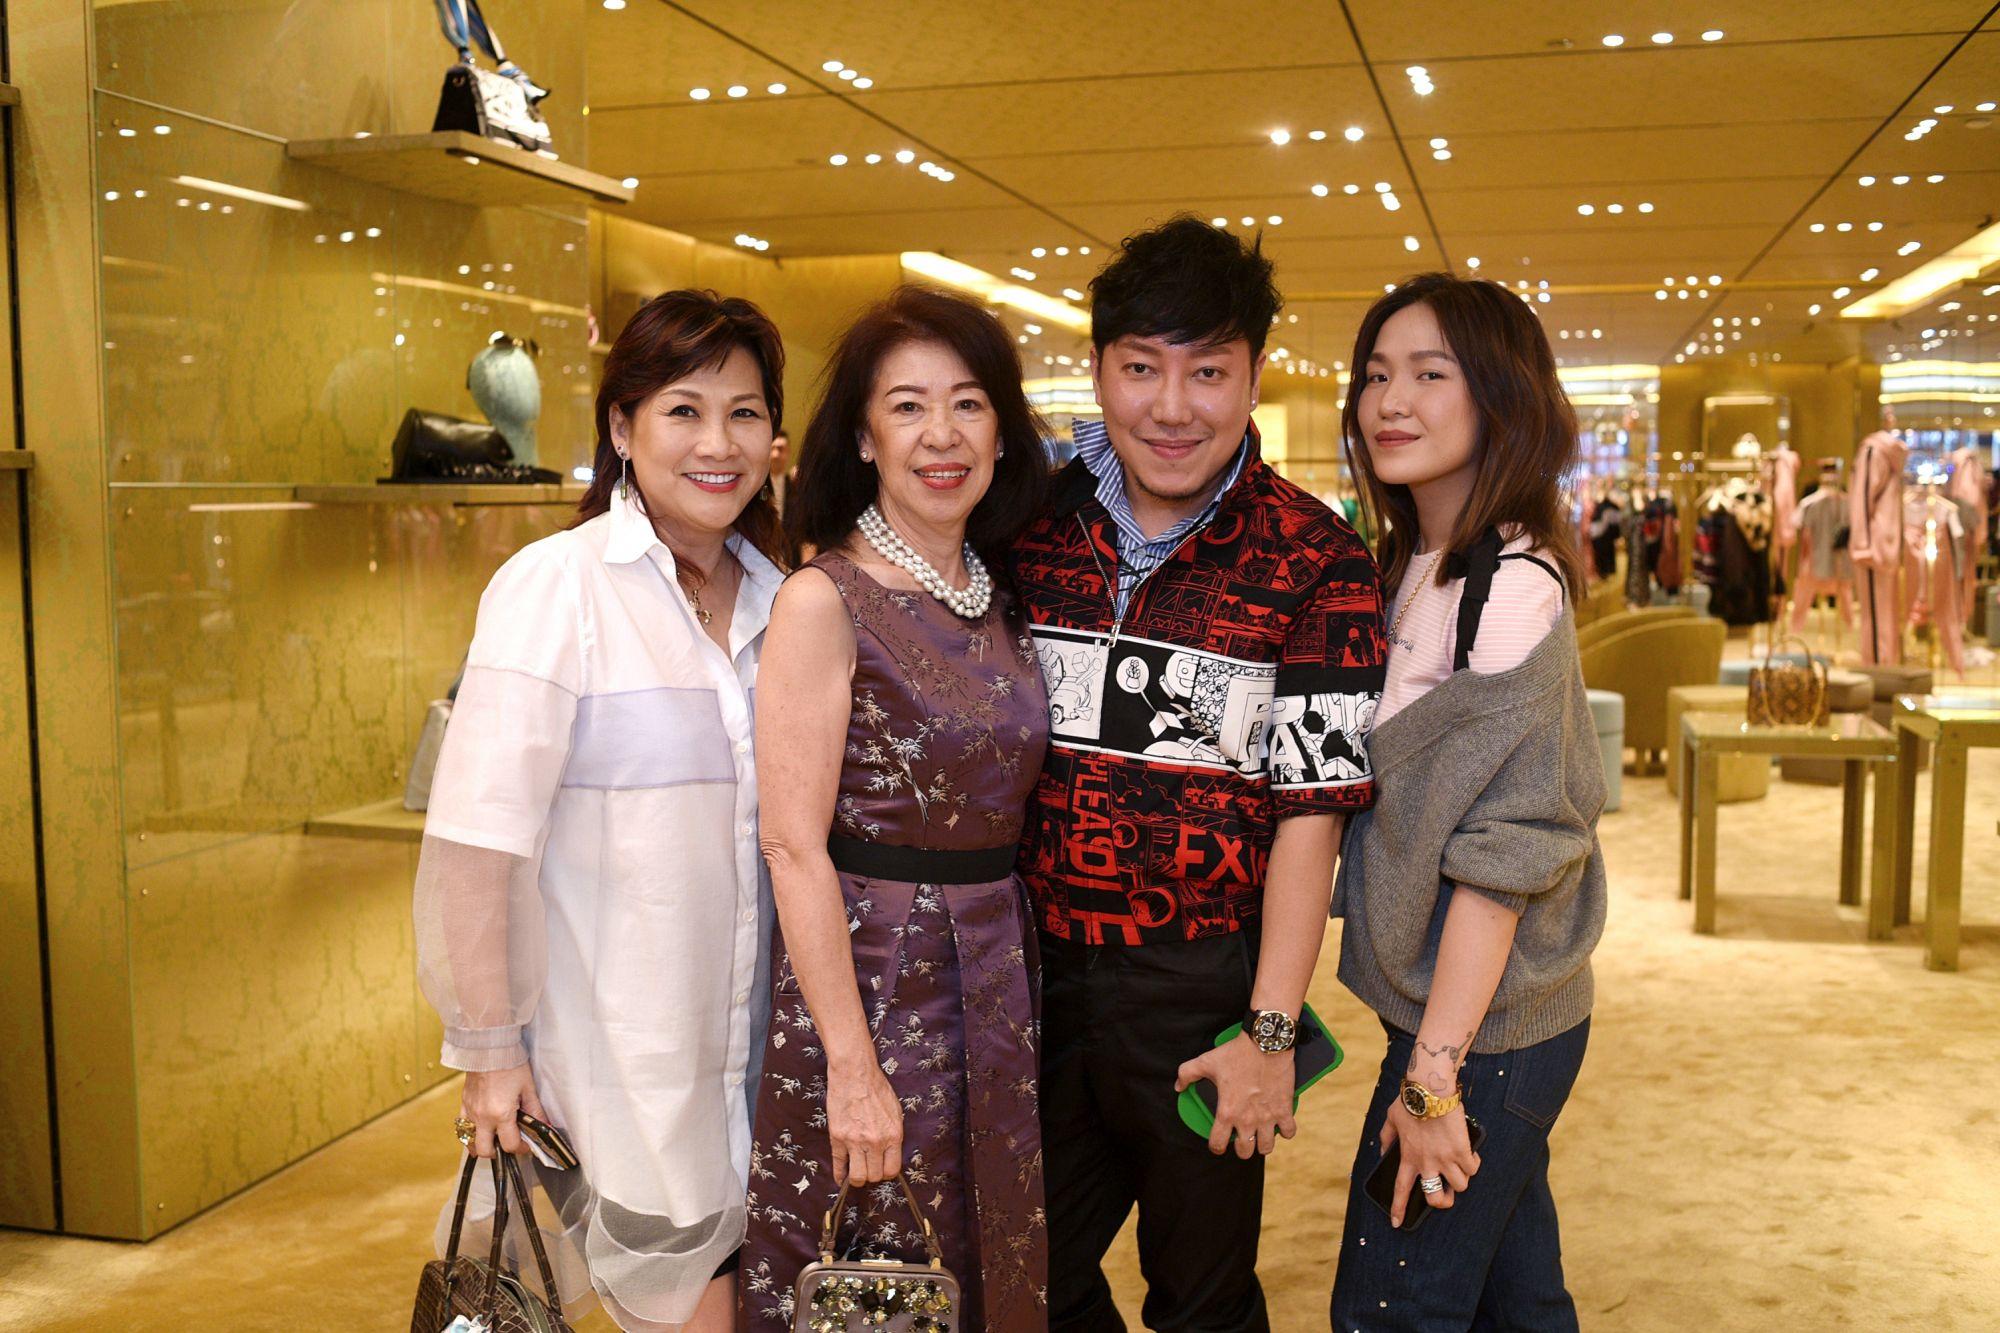 Pauline Chan, Serene Liok, Desmond Lim, Dawn Koh